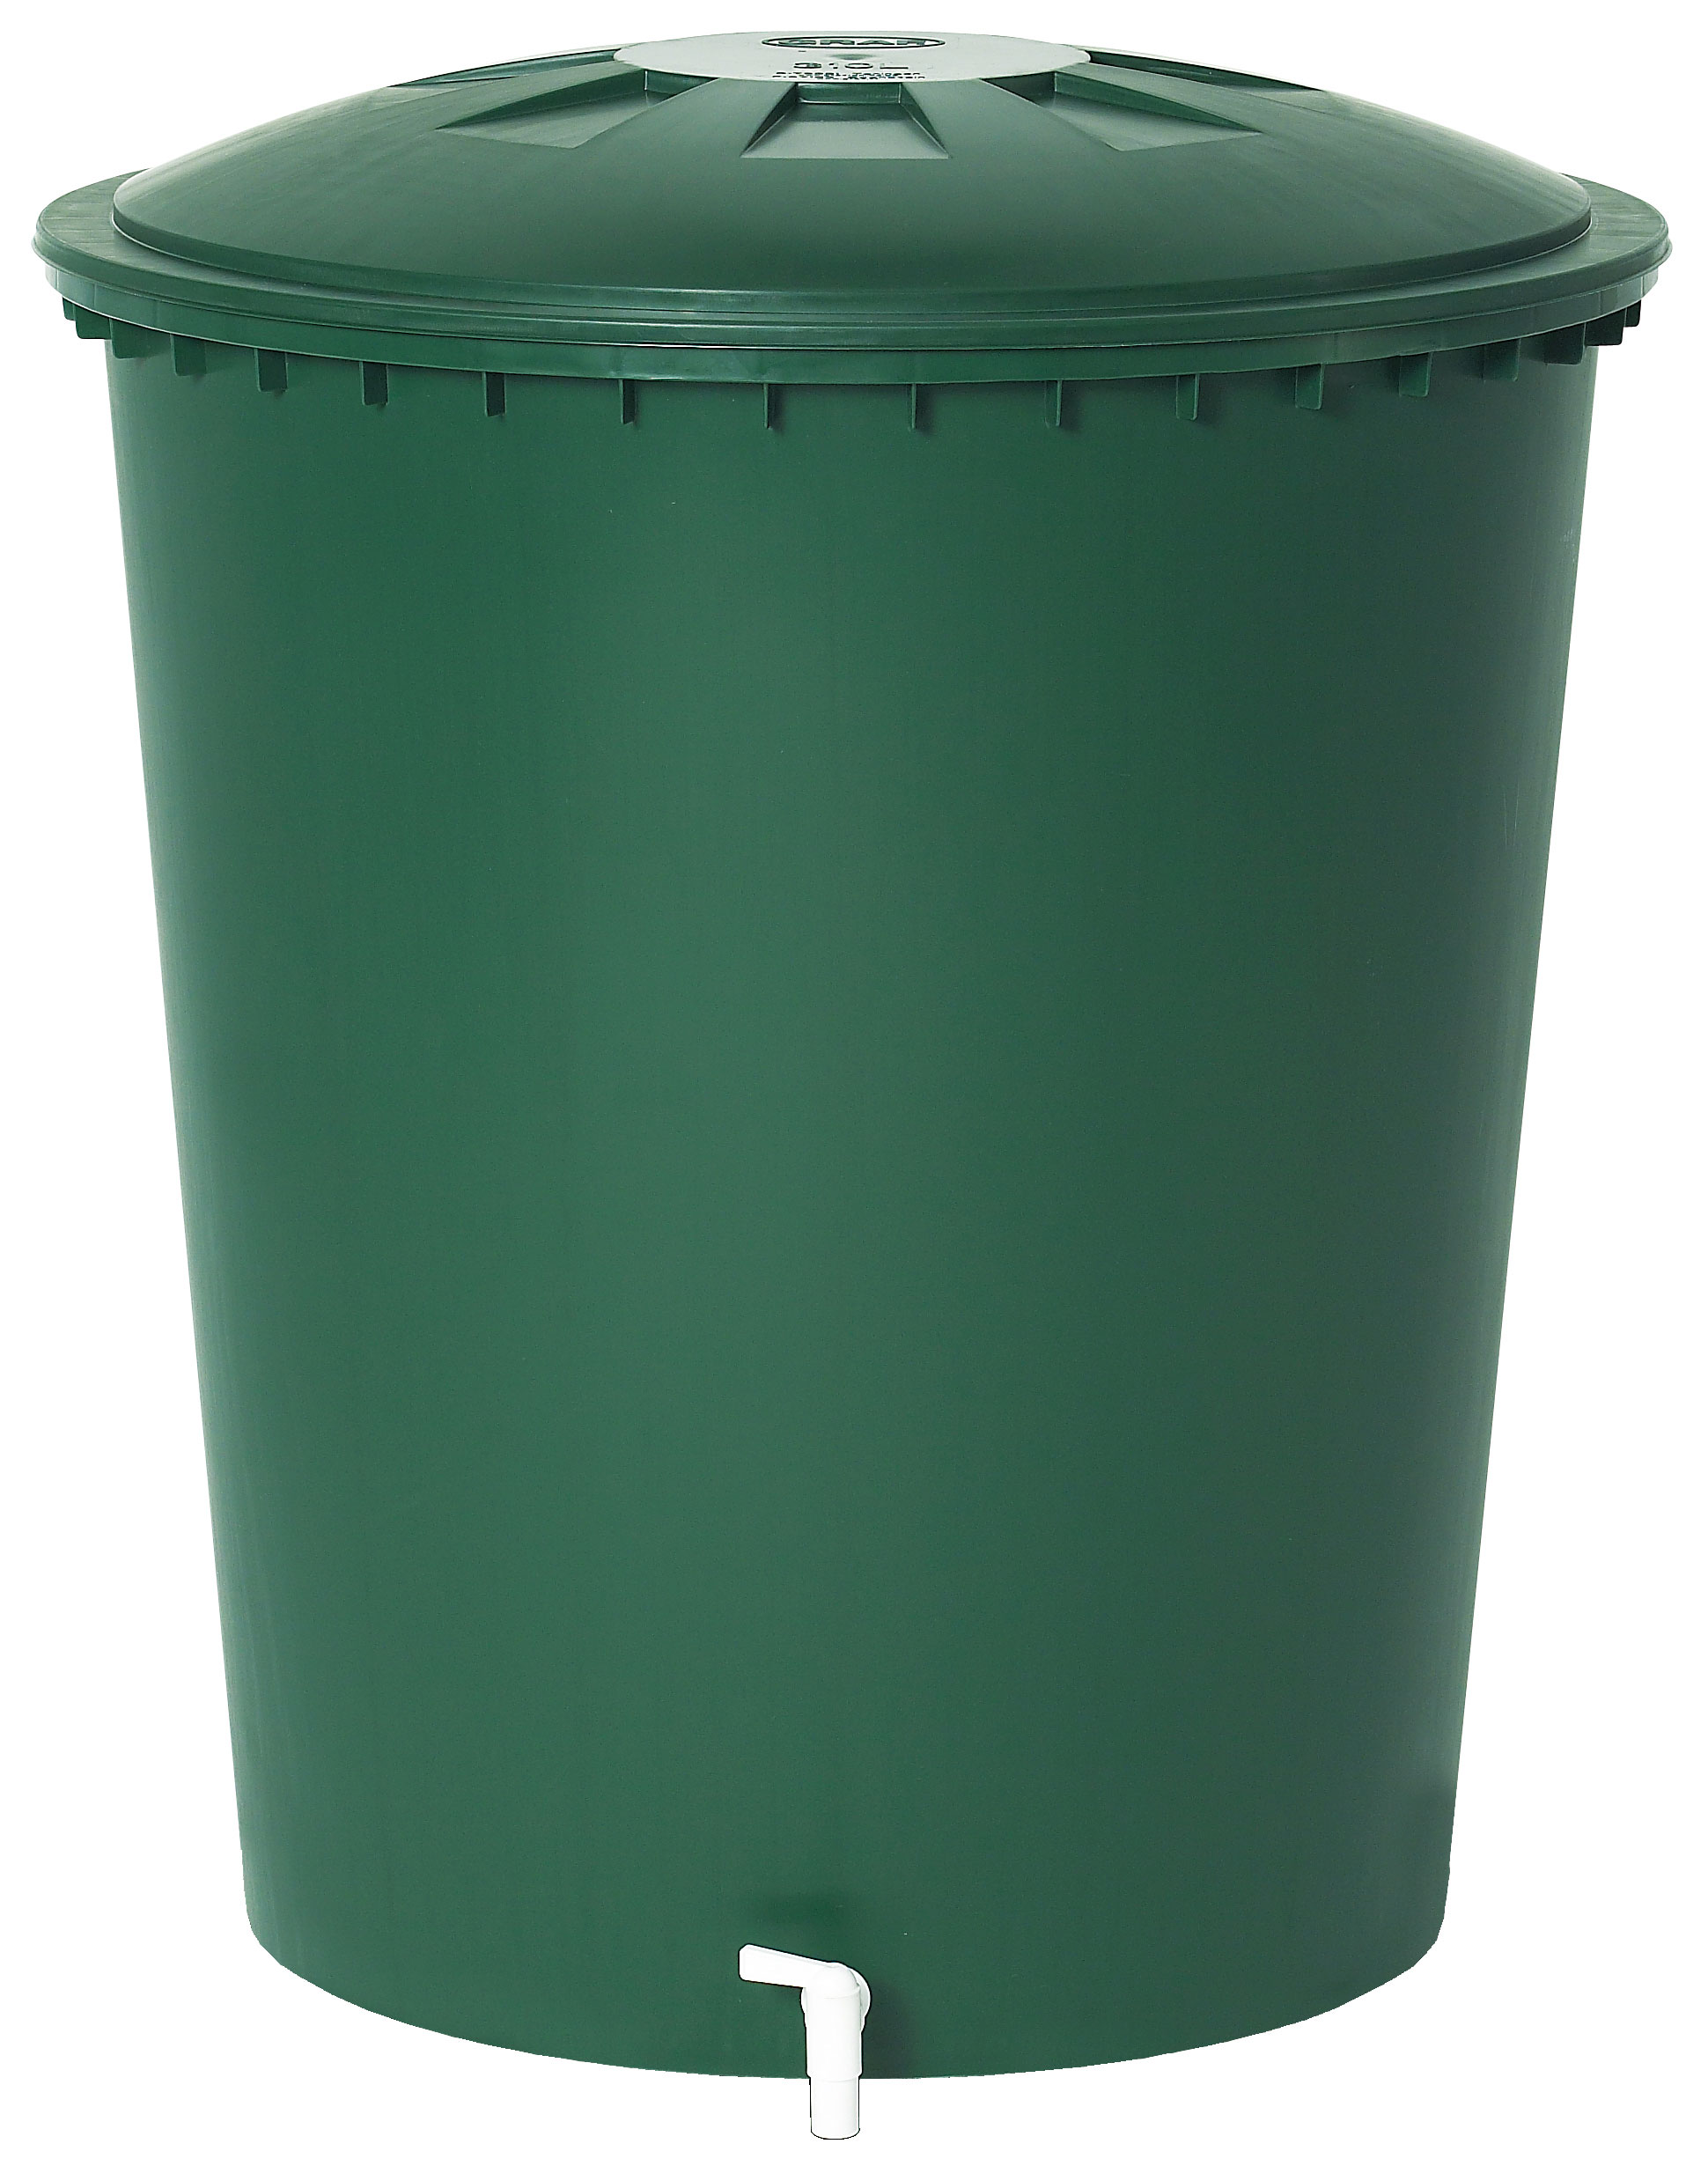 Regentonne rund 510 Liter grün GARANTIA 500214 Bild 1